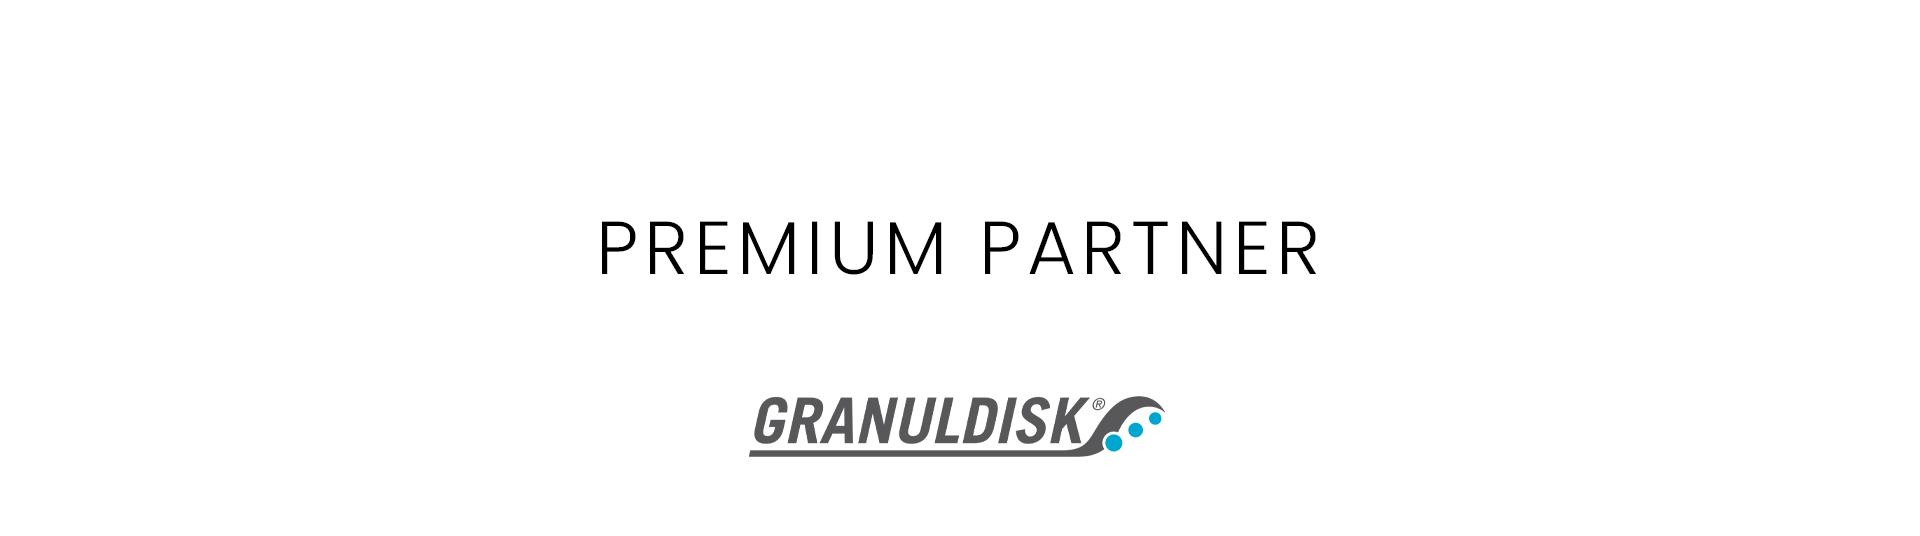 Premium Partner Granuldisk